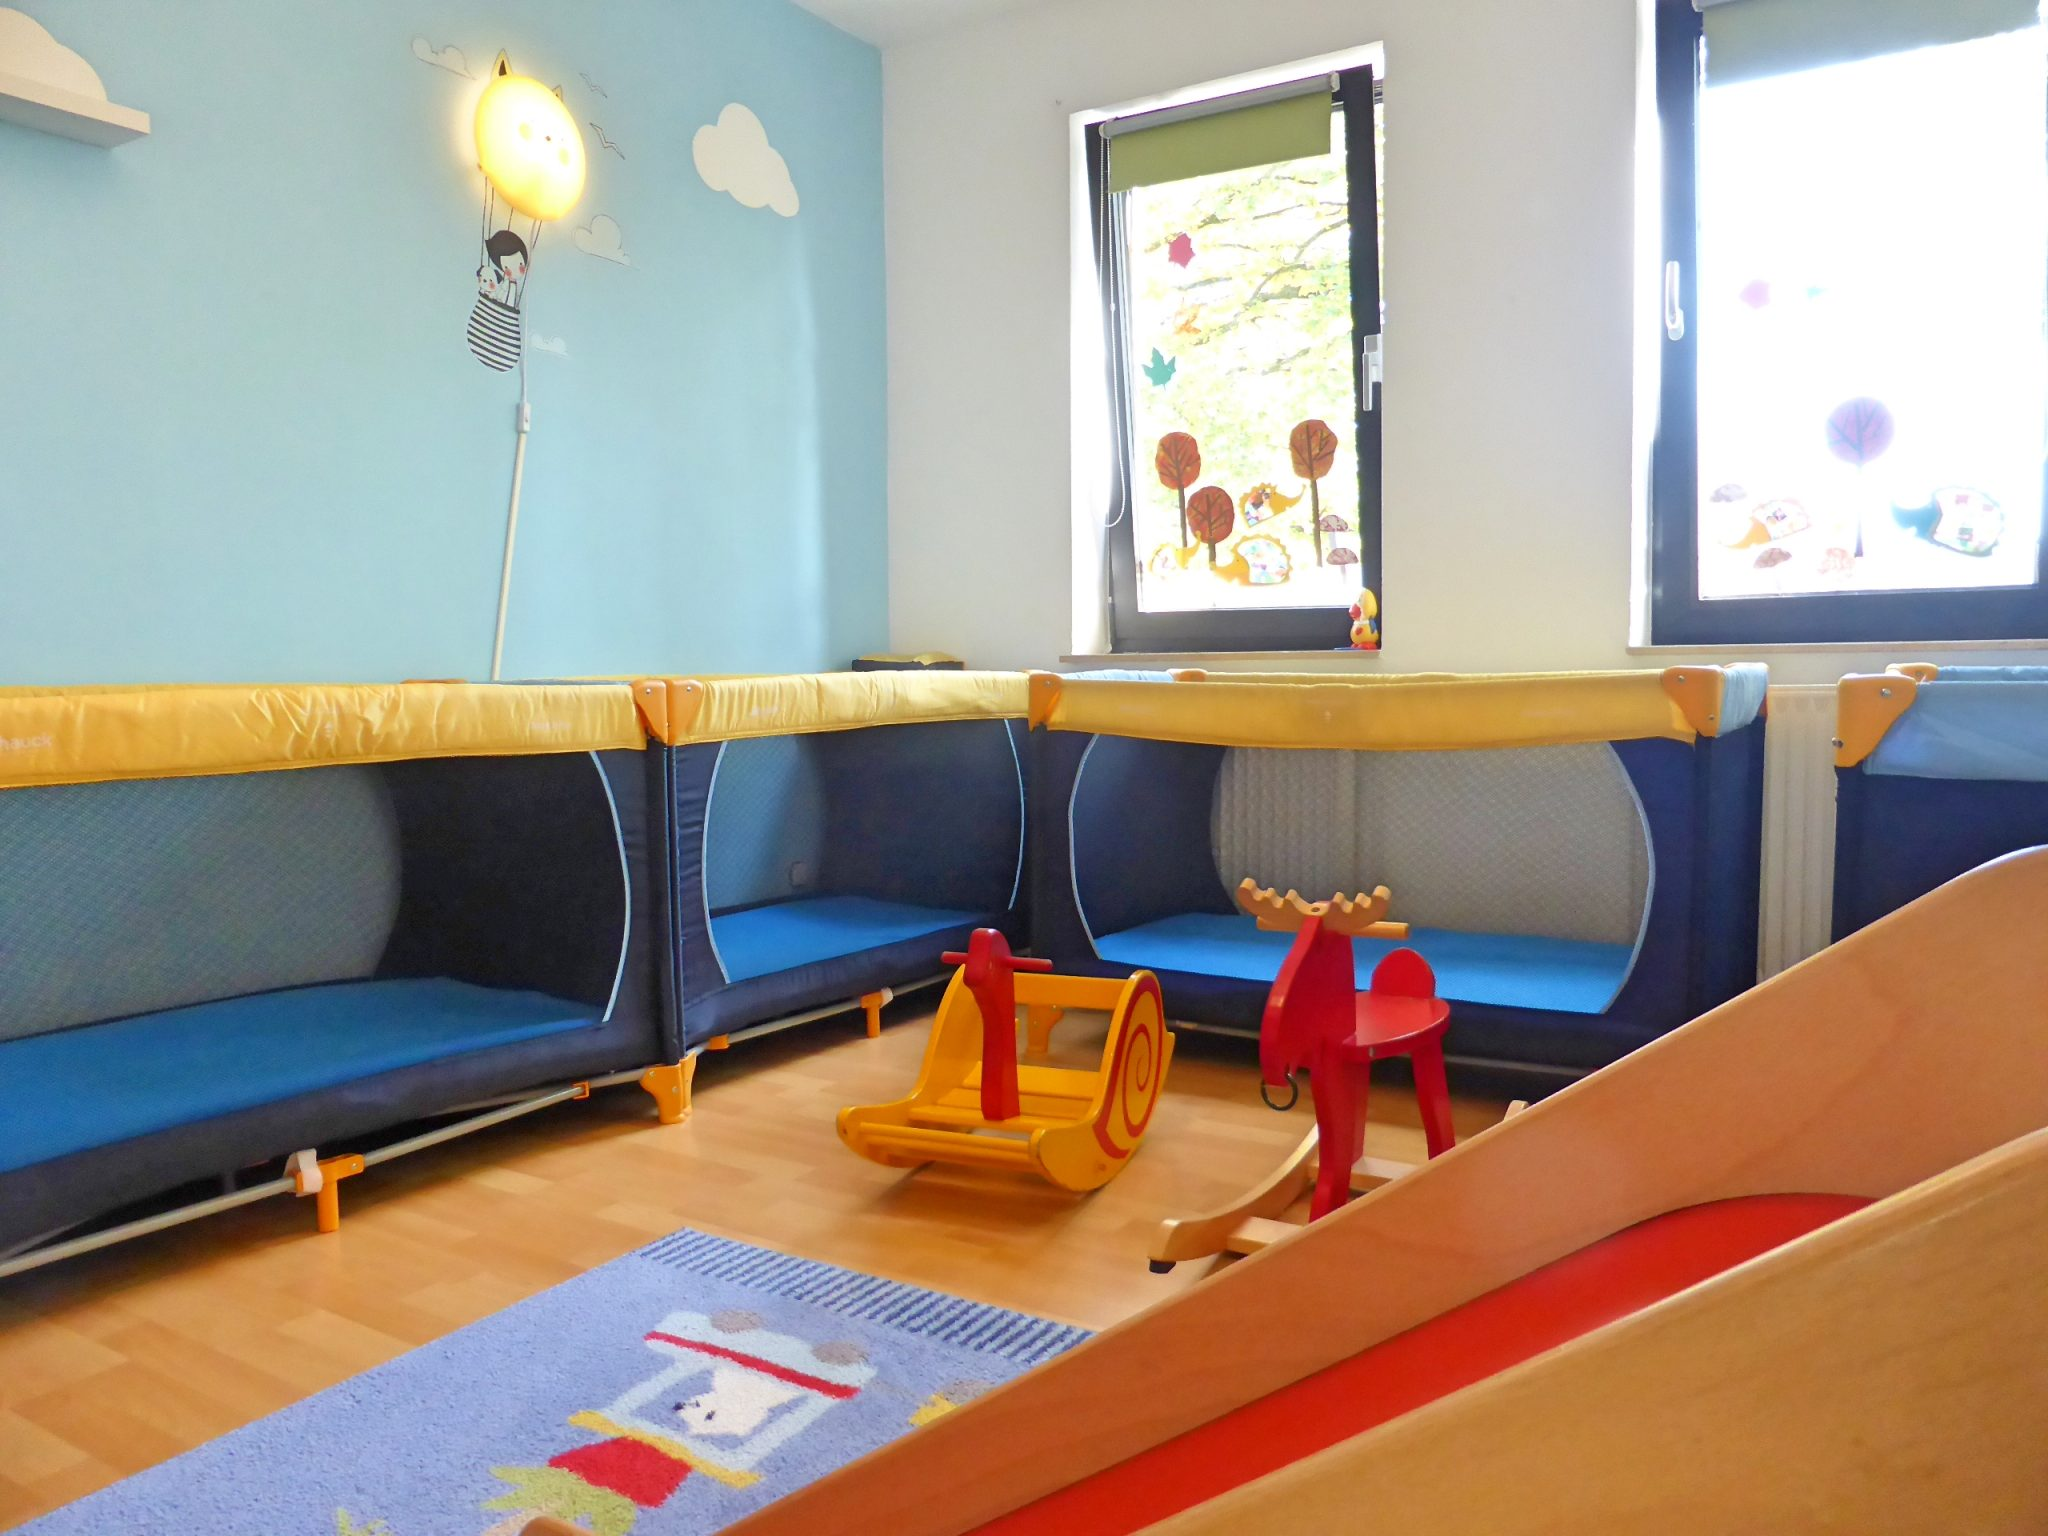 Schlafzimmer 8 Kita Kid Zone Kinderbetreuung - Schlafzimmer